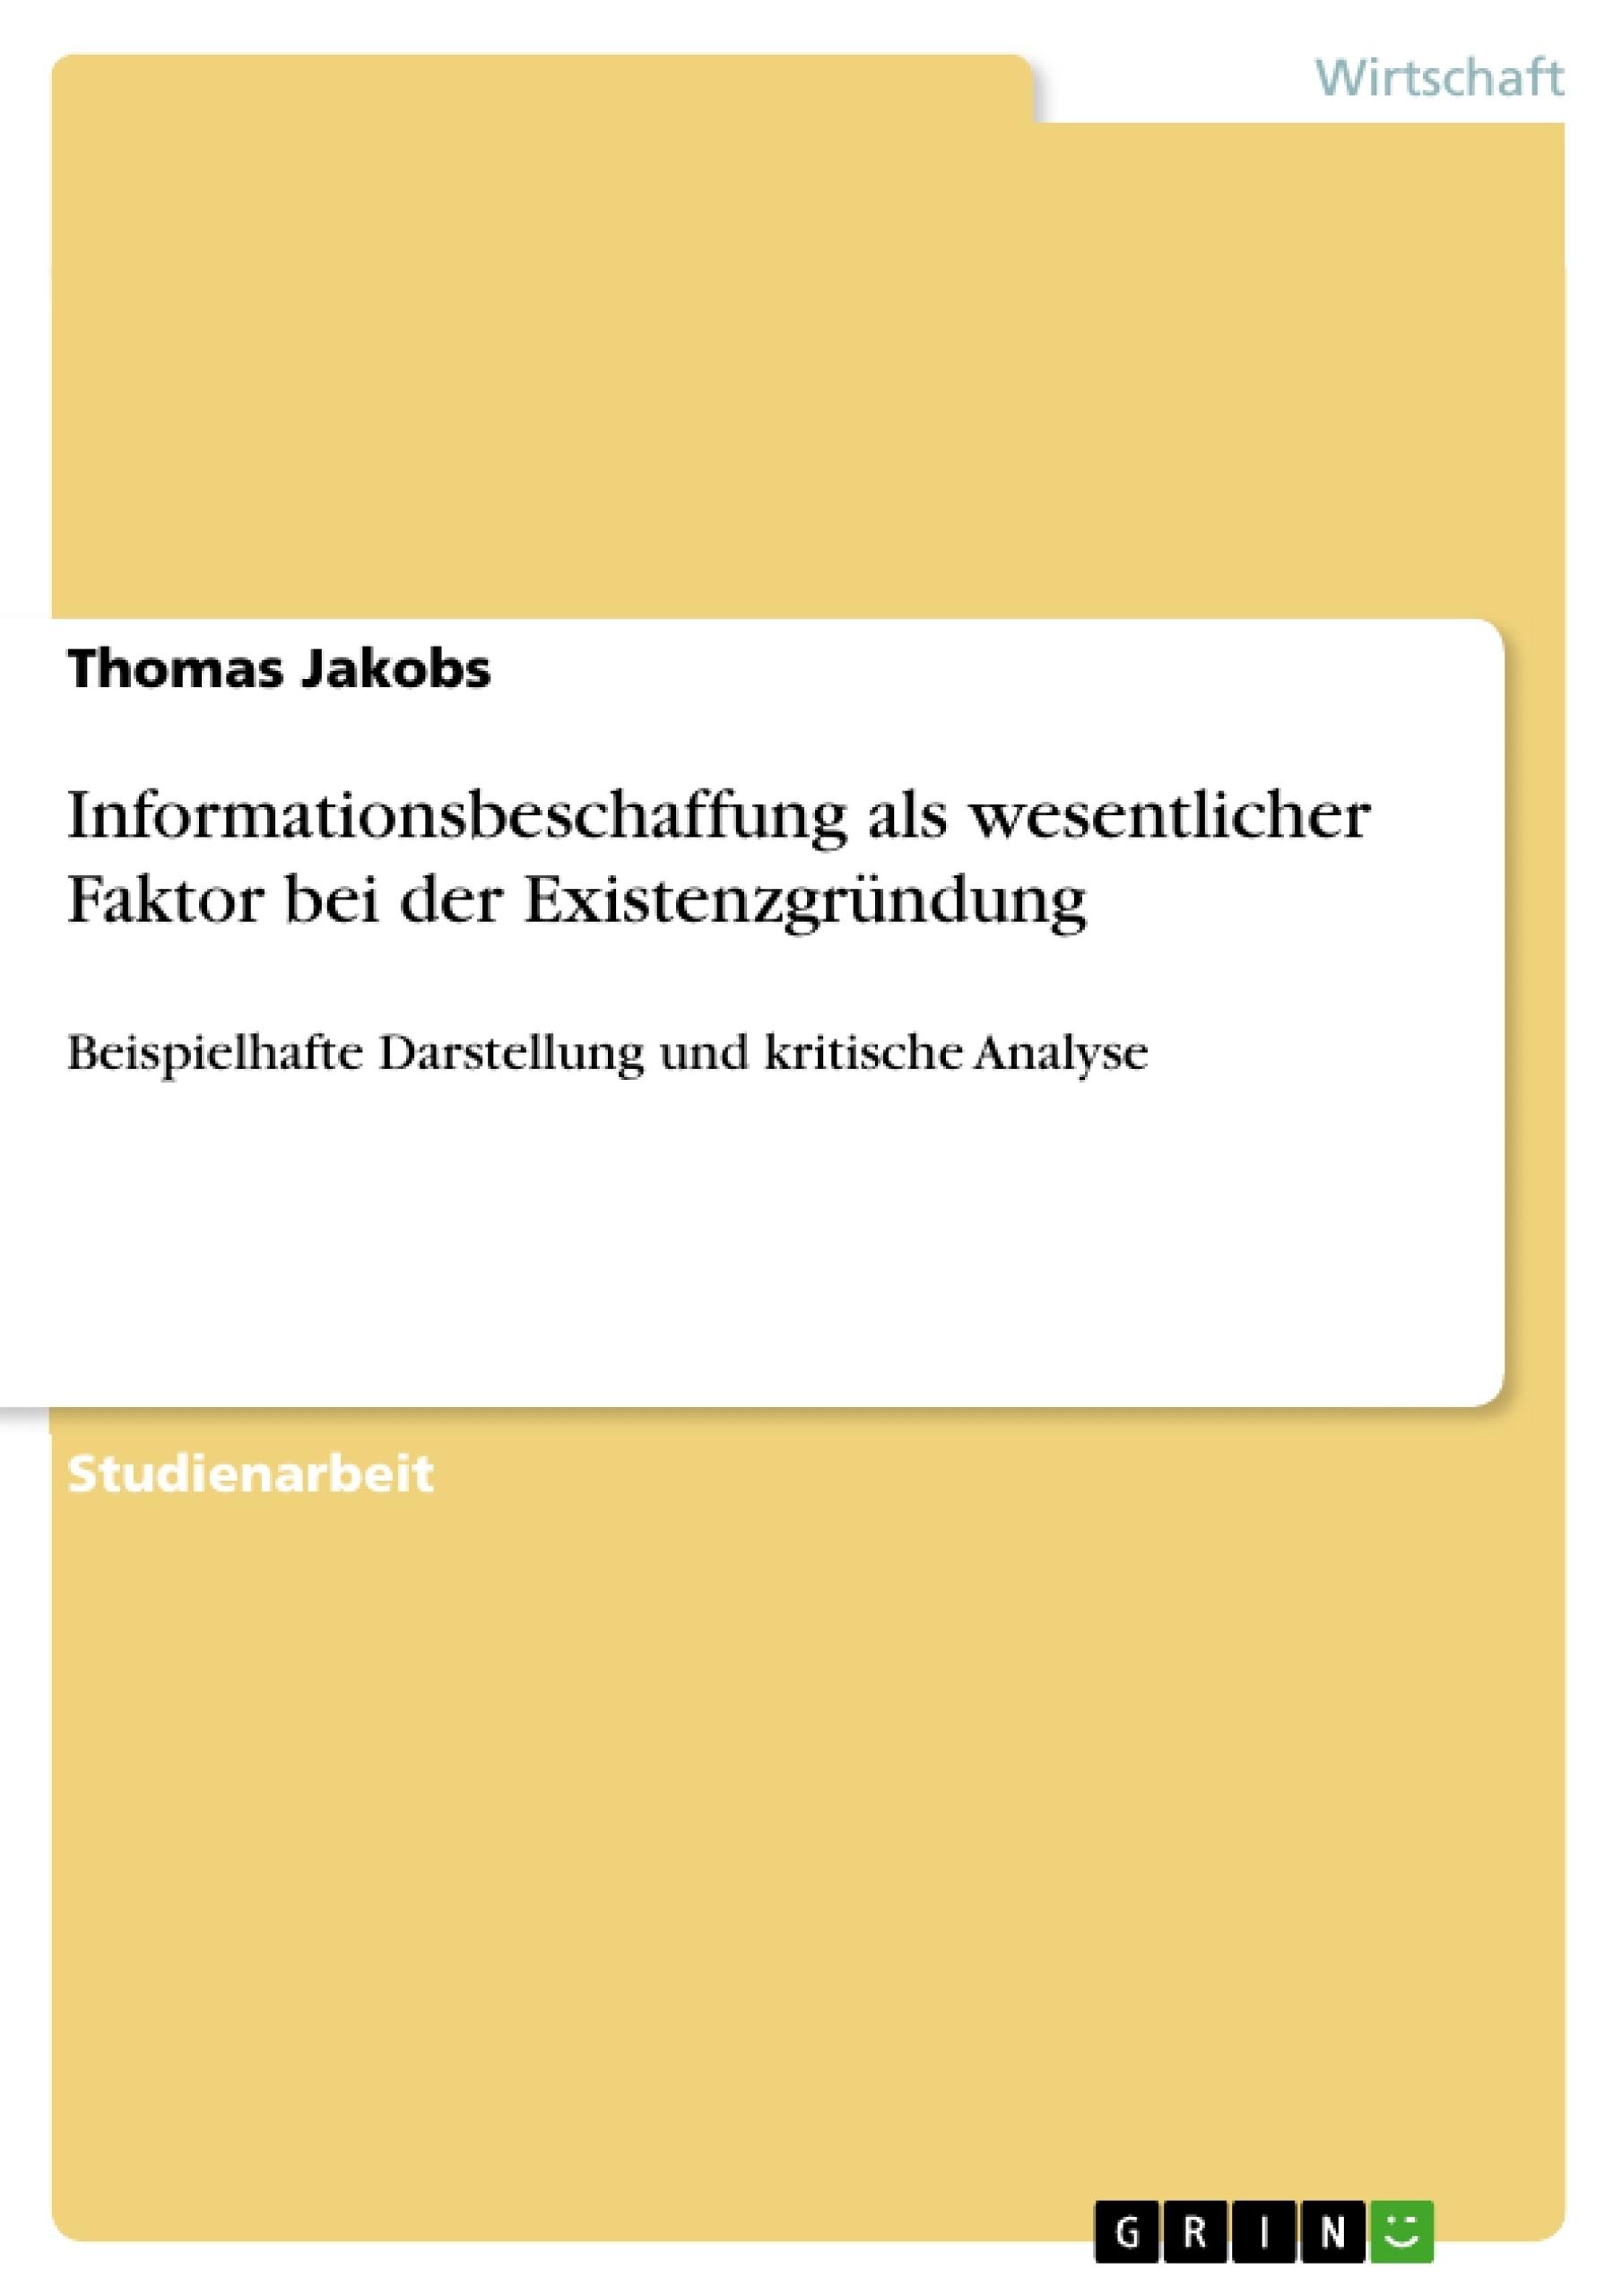 Titel: Informationsbeschaffung als wesentlicher Faktor bei der Existenzgründung